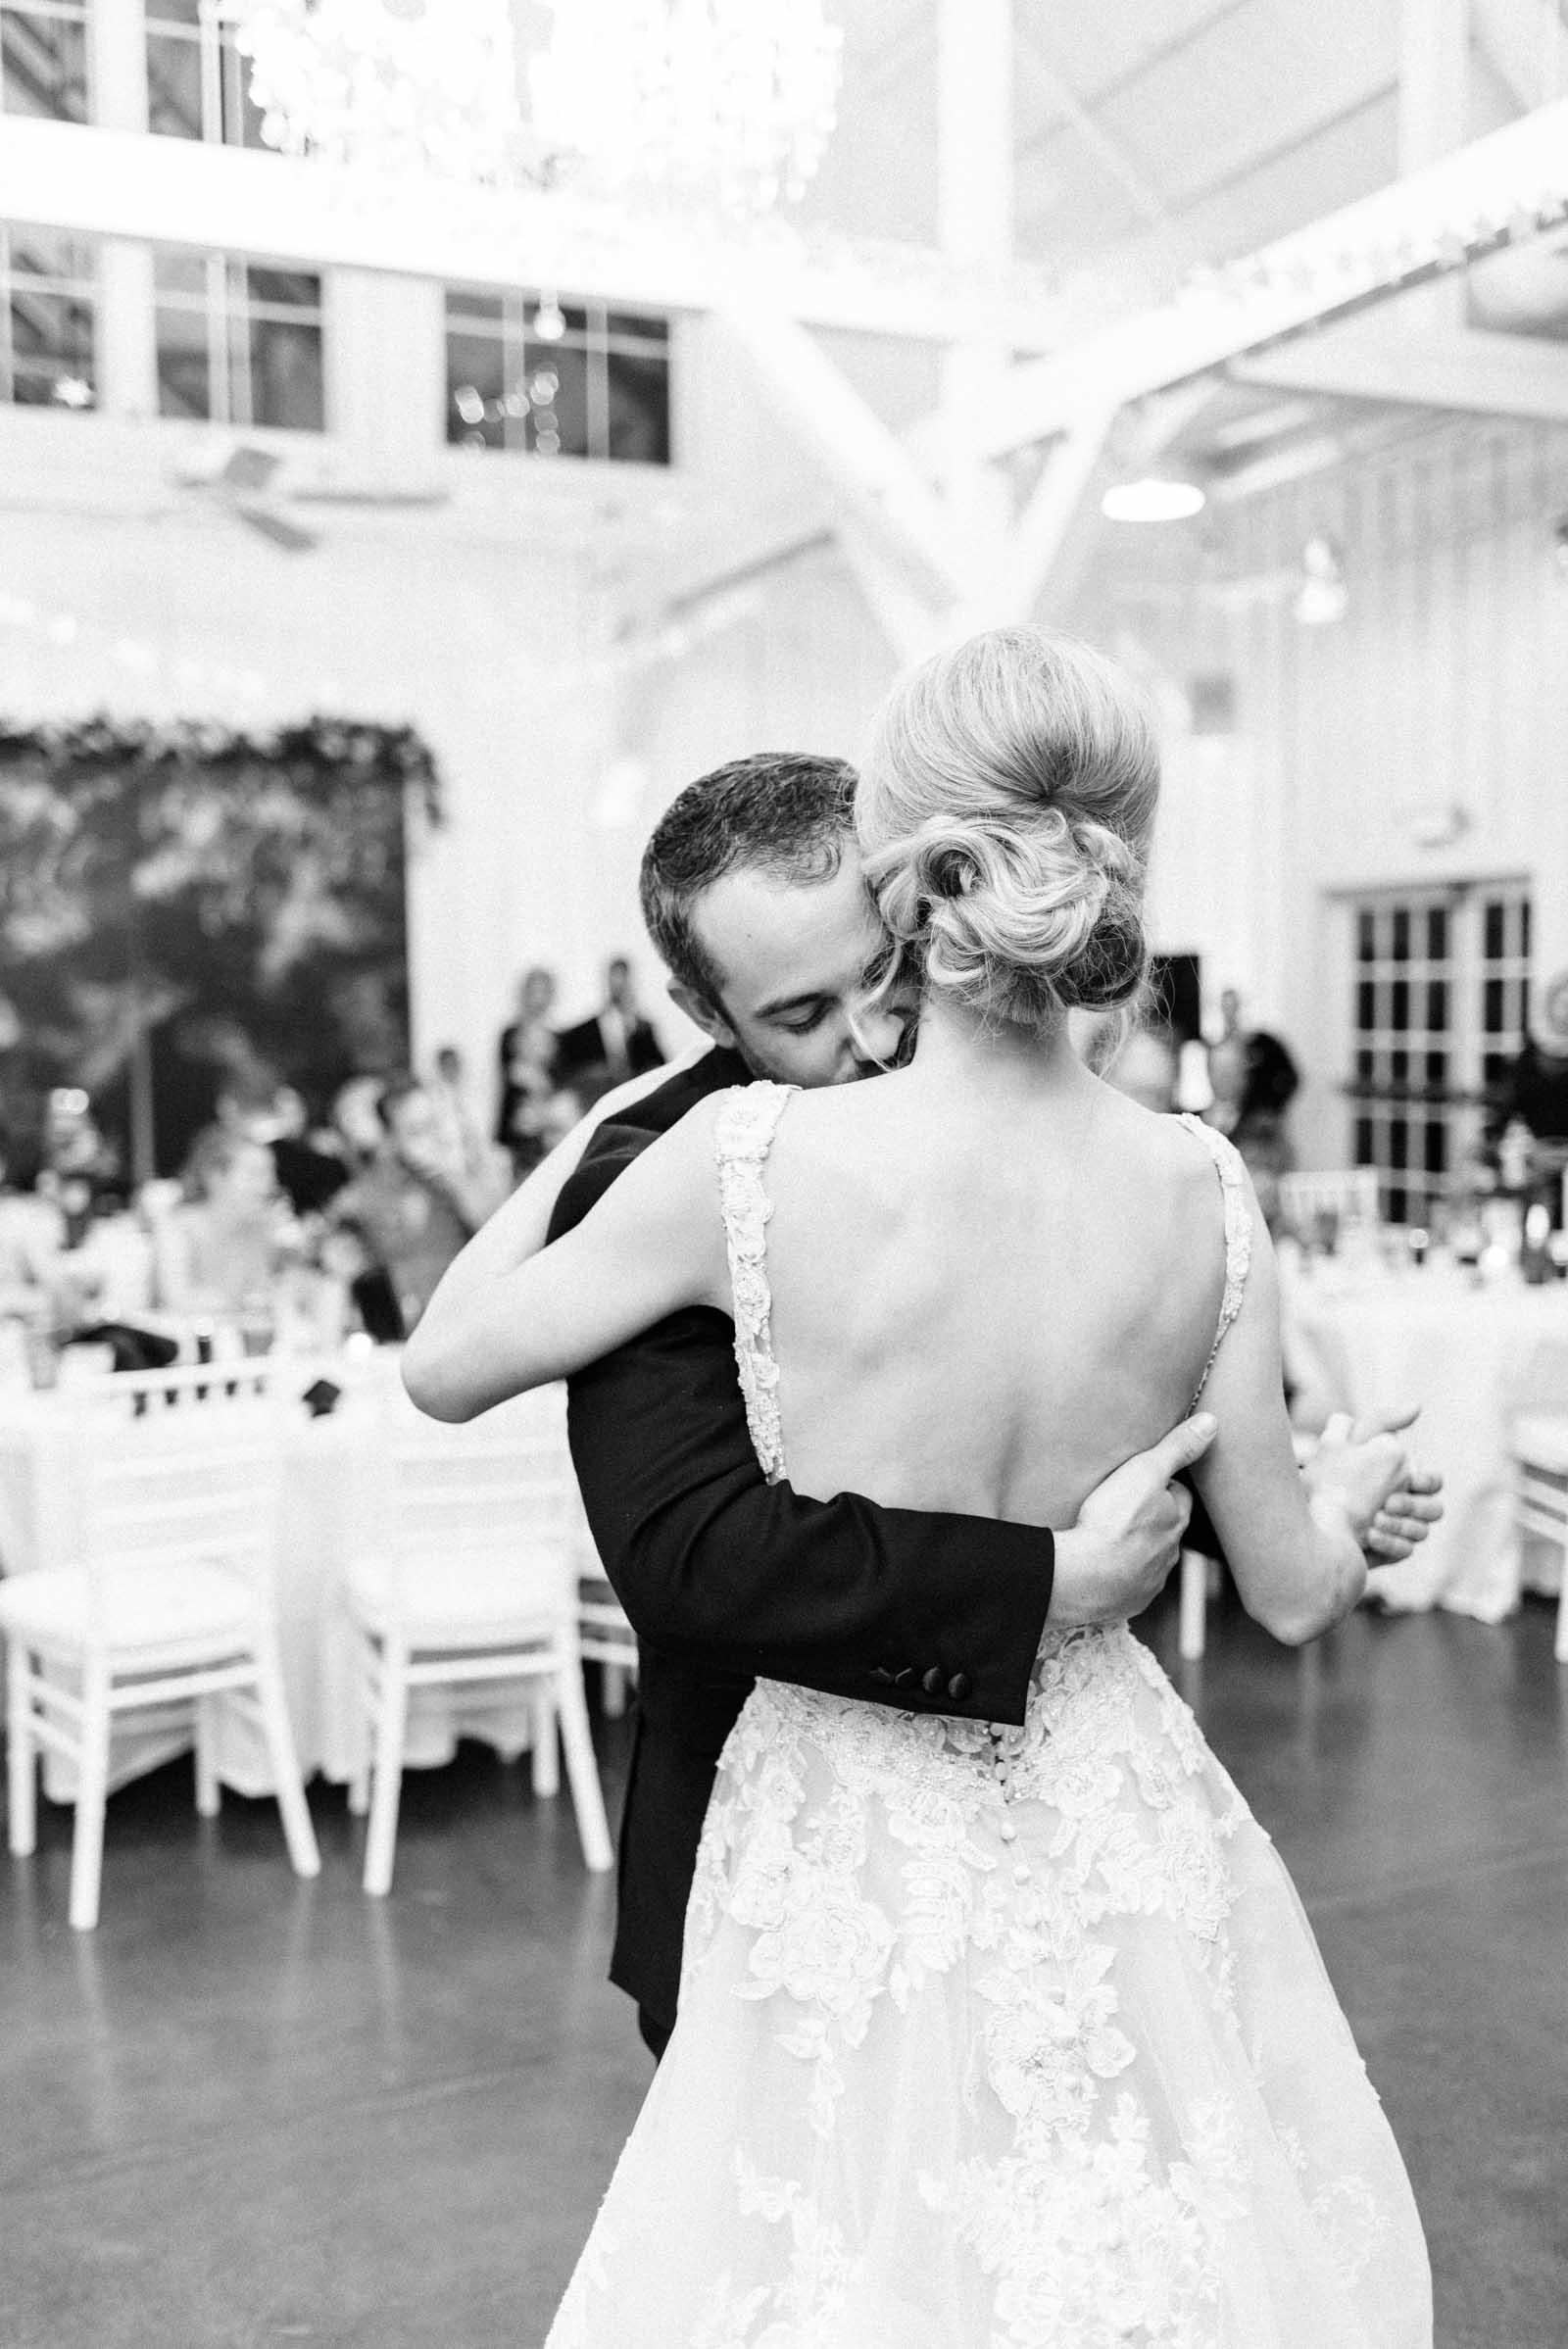 Aurora+Farms+Wedding+in+Greenville,+SC+Markie+Walden+Photography-112.jpg